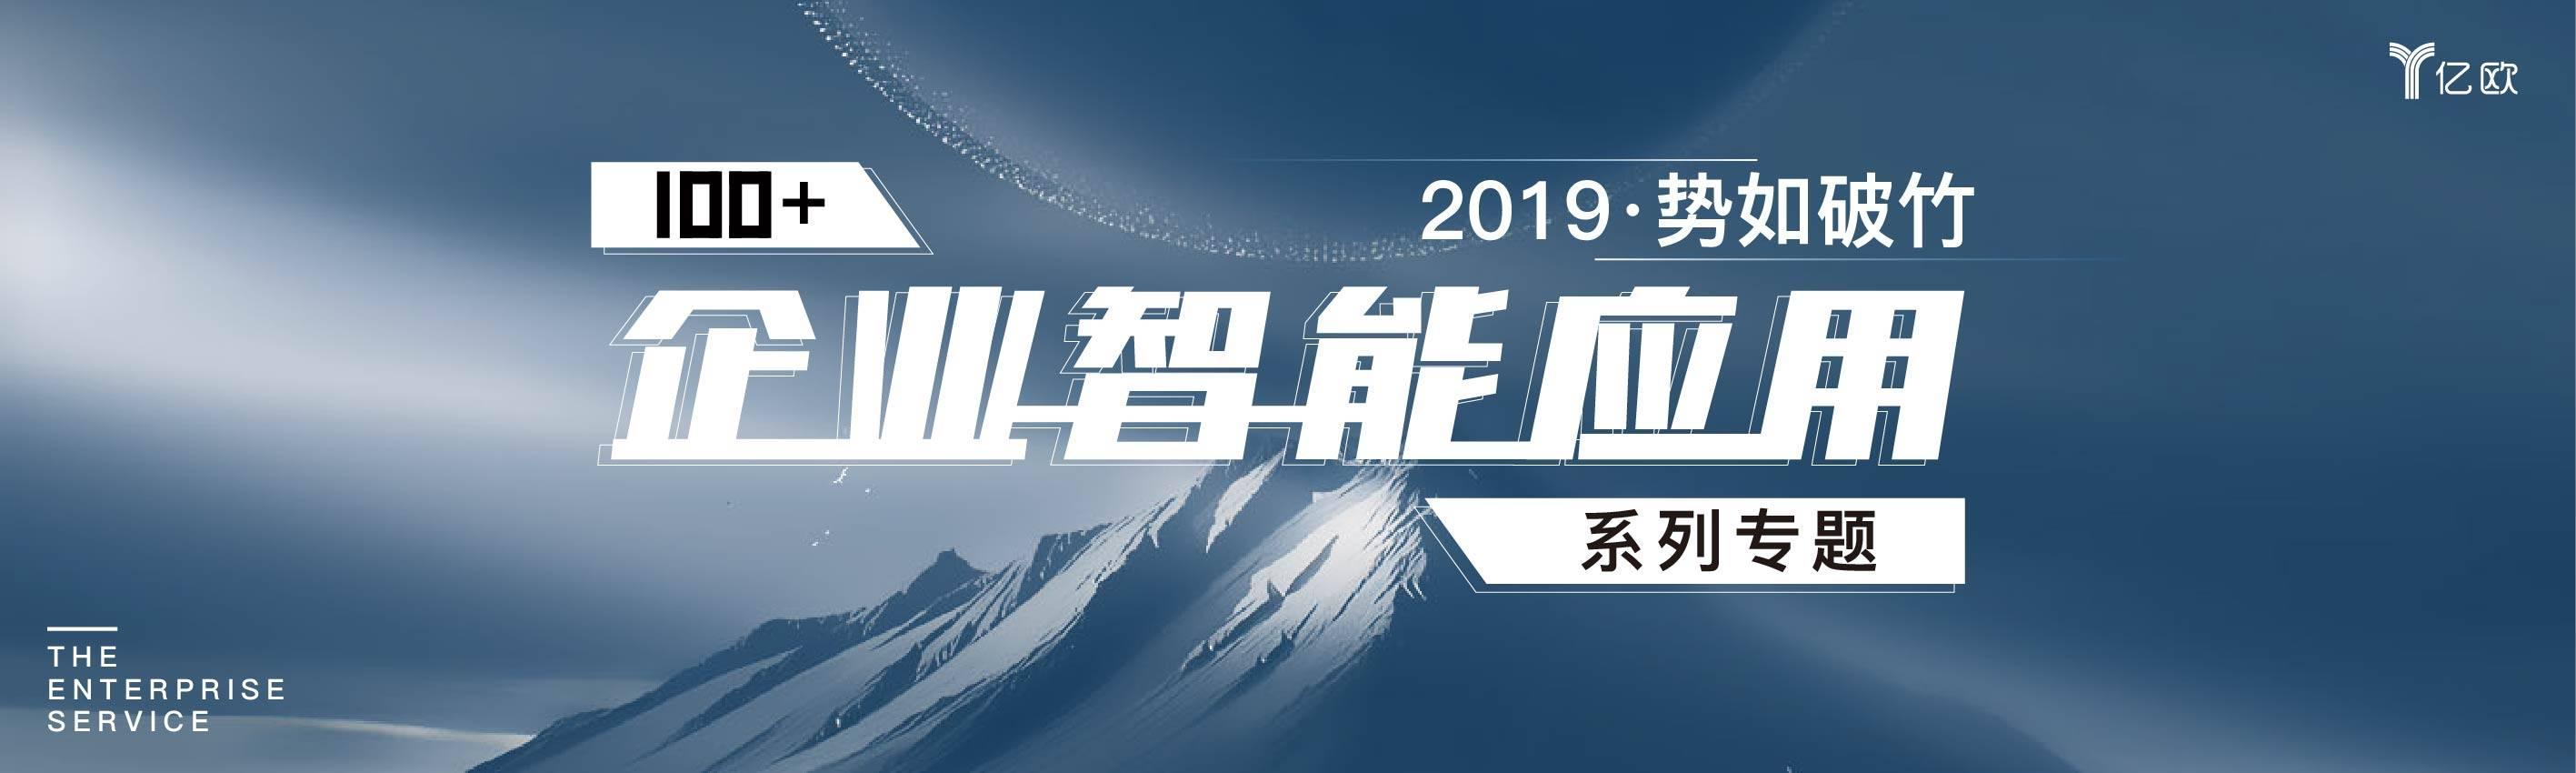 2019·势如破竹---100+企业智能应用系列专题